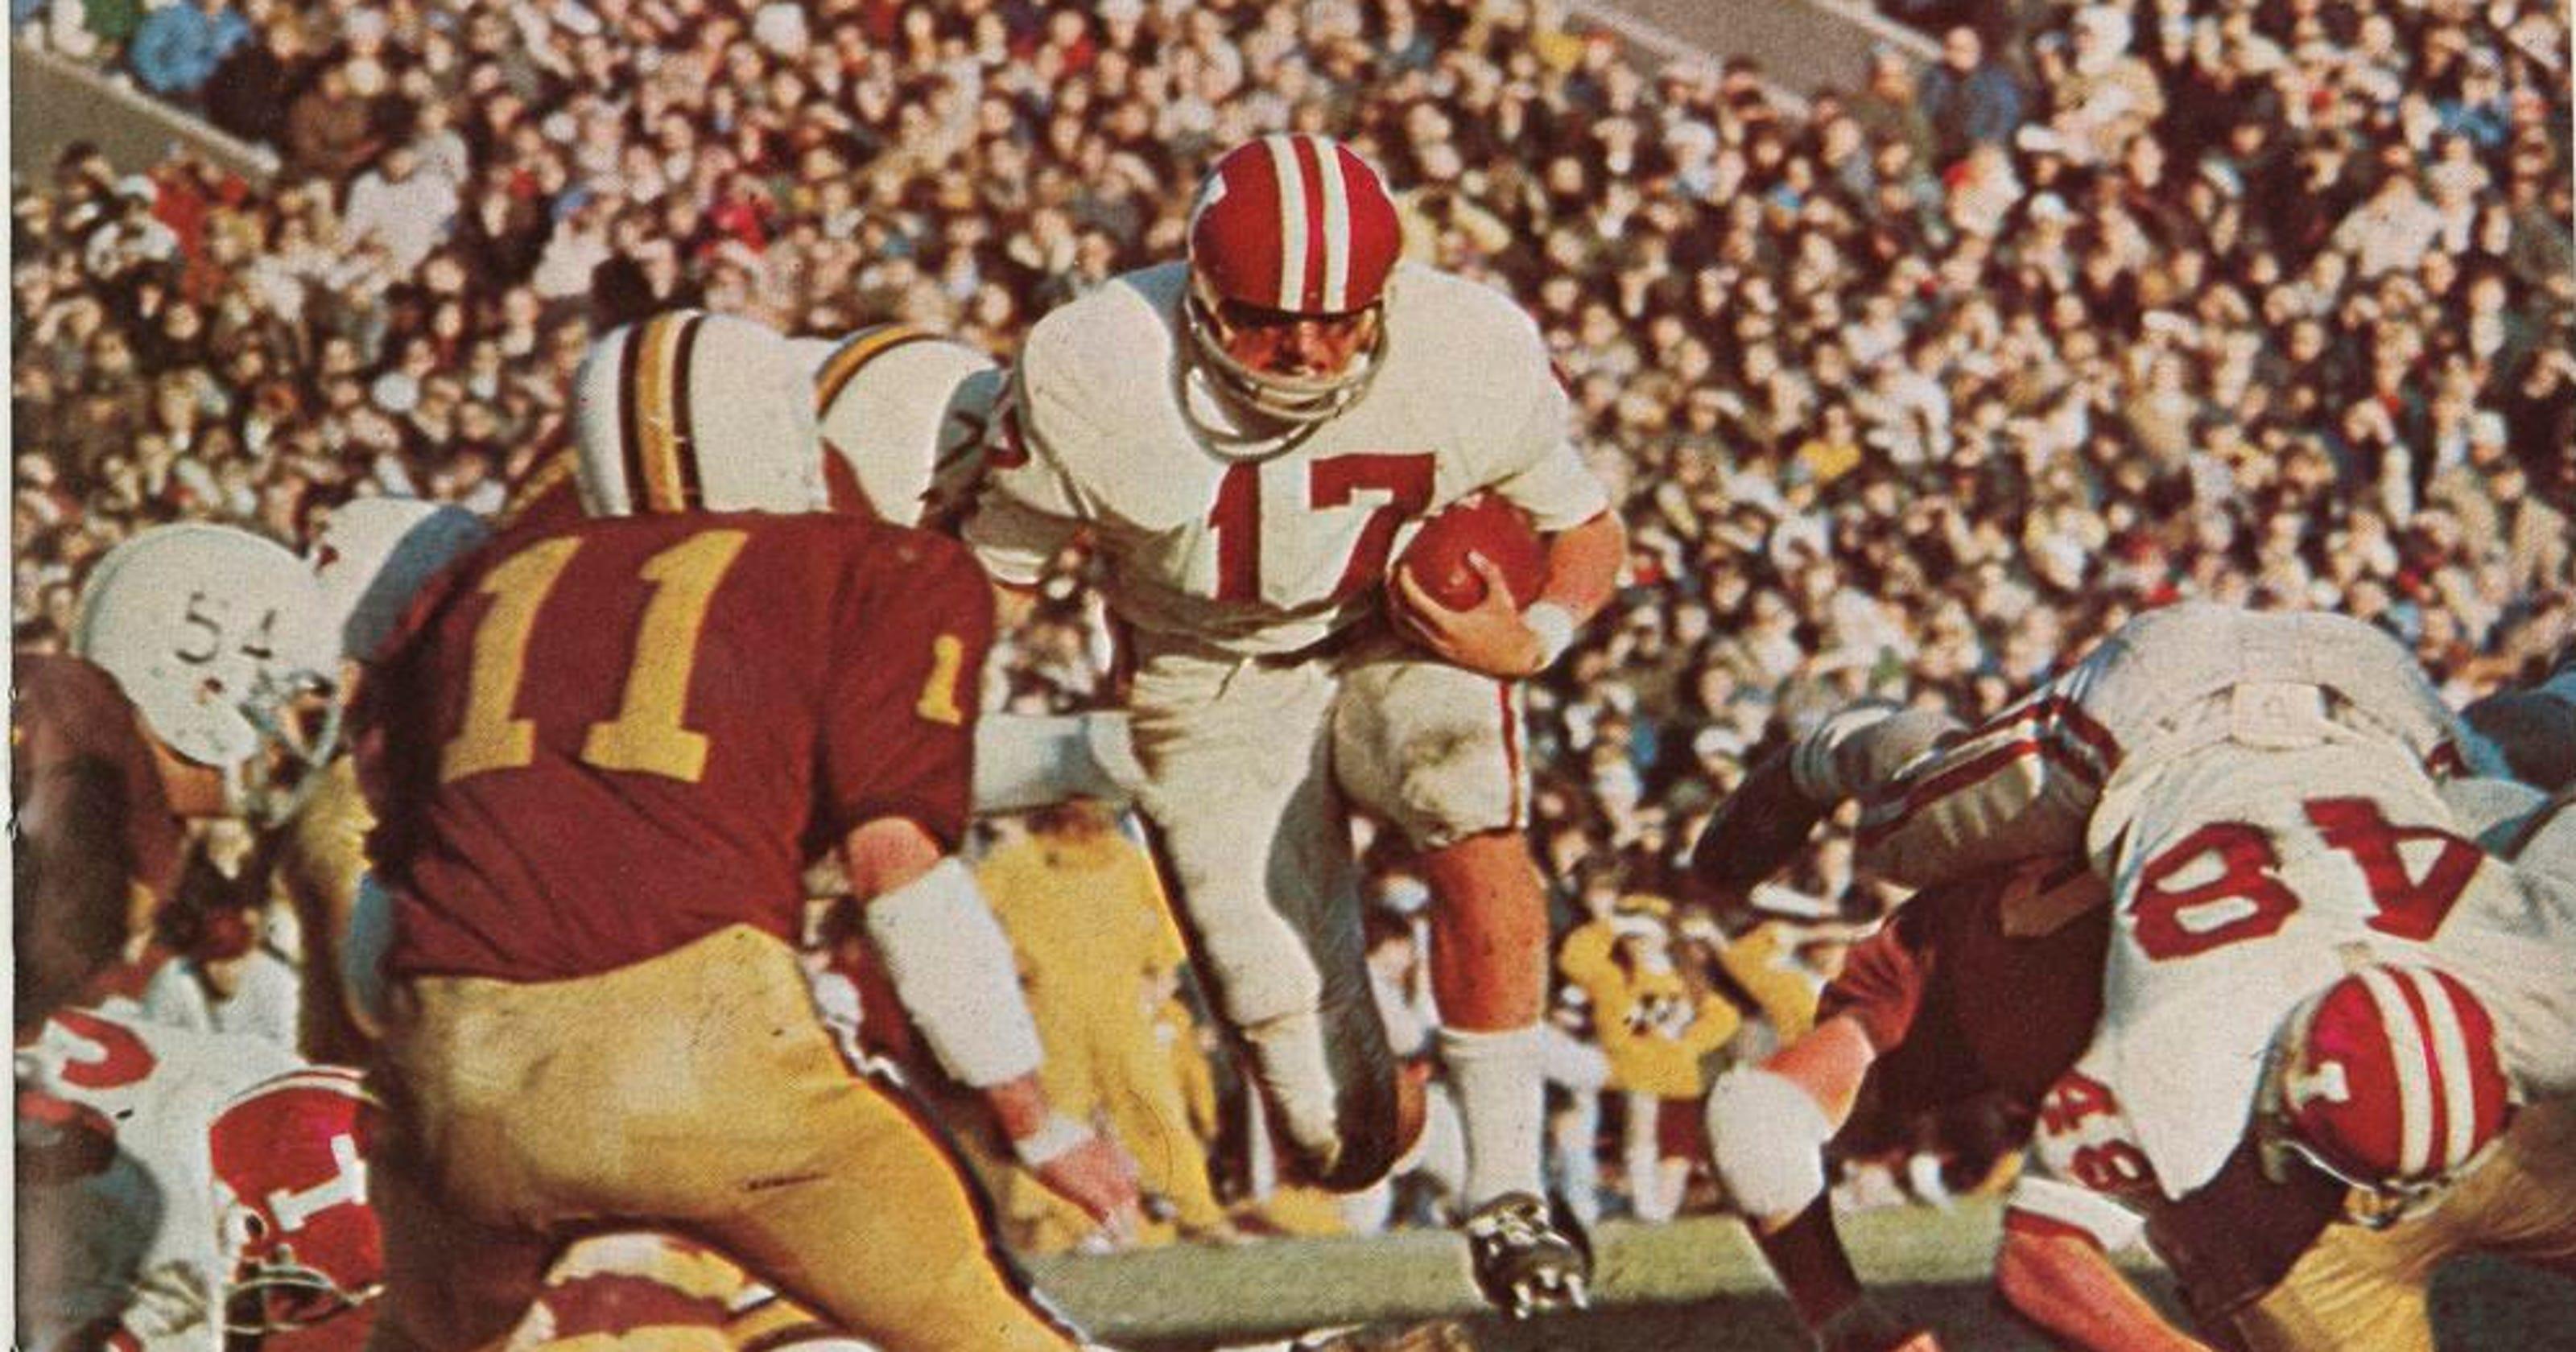 c57e6d0ea 1968 Rose Bowl  50 years ago